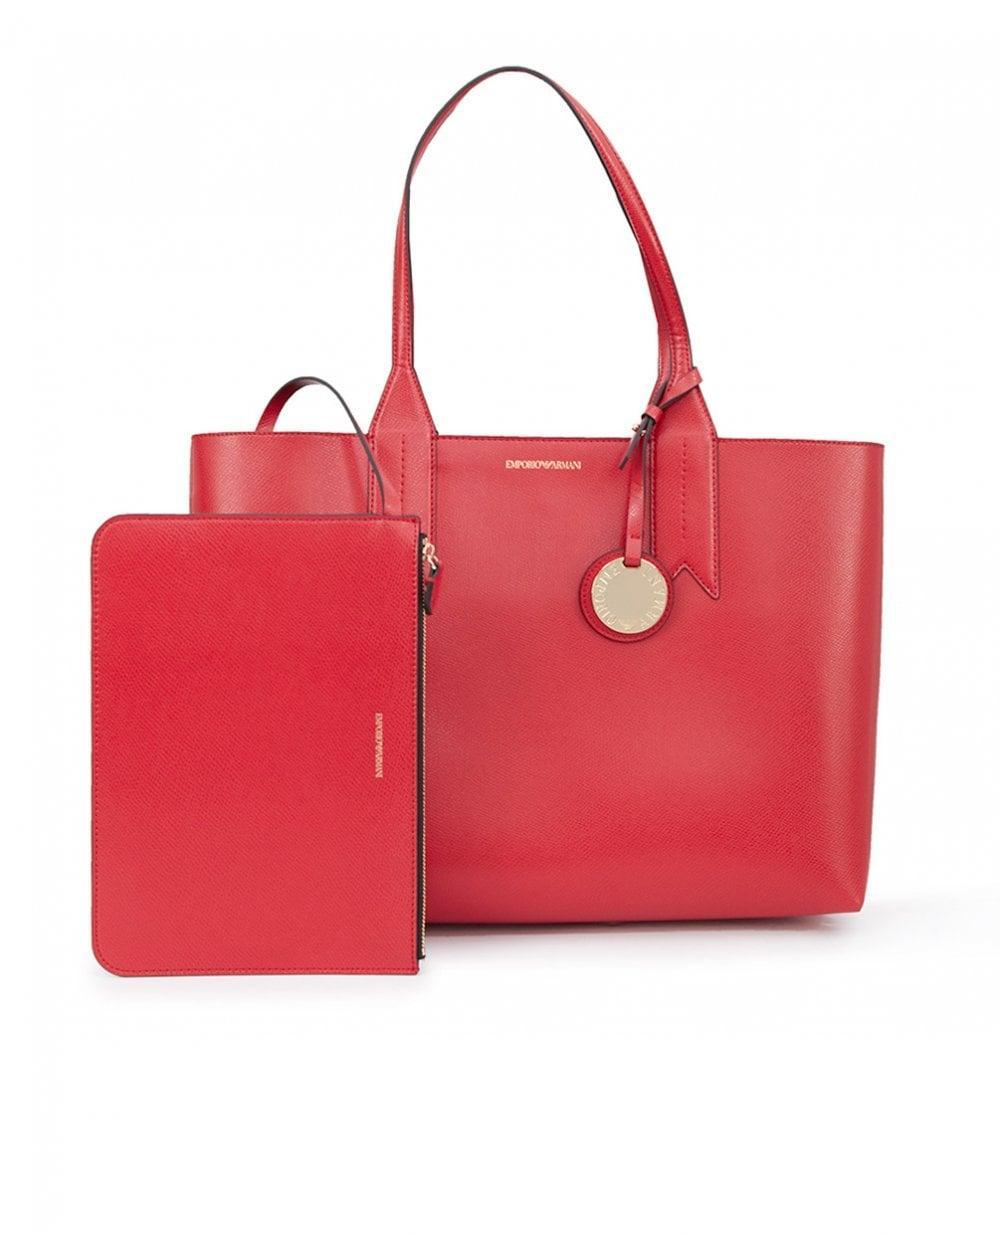 57b5e6da7b0a Emporio Armani Frida Large Eco Leather Shopper in Red - Lyst